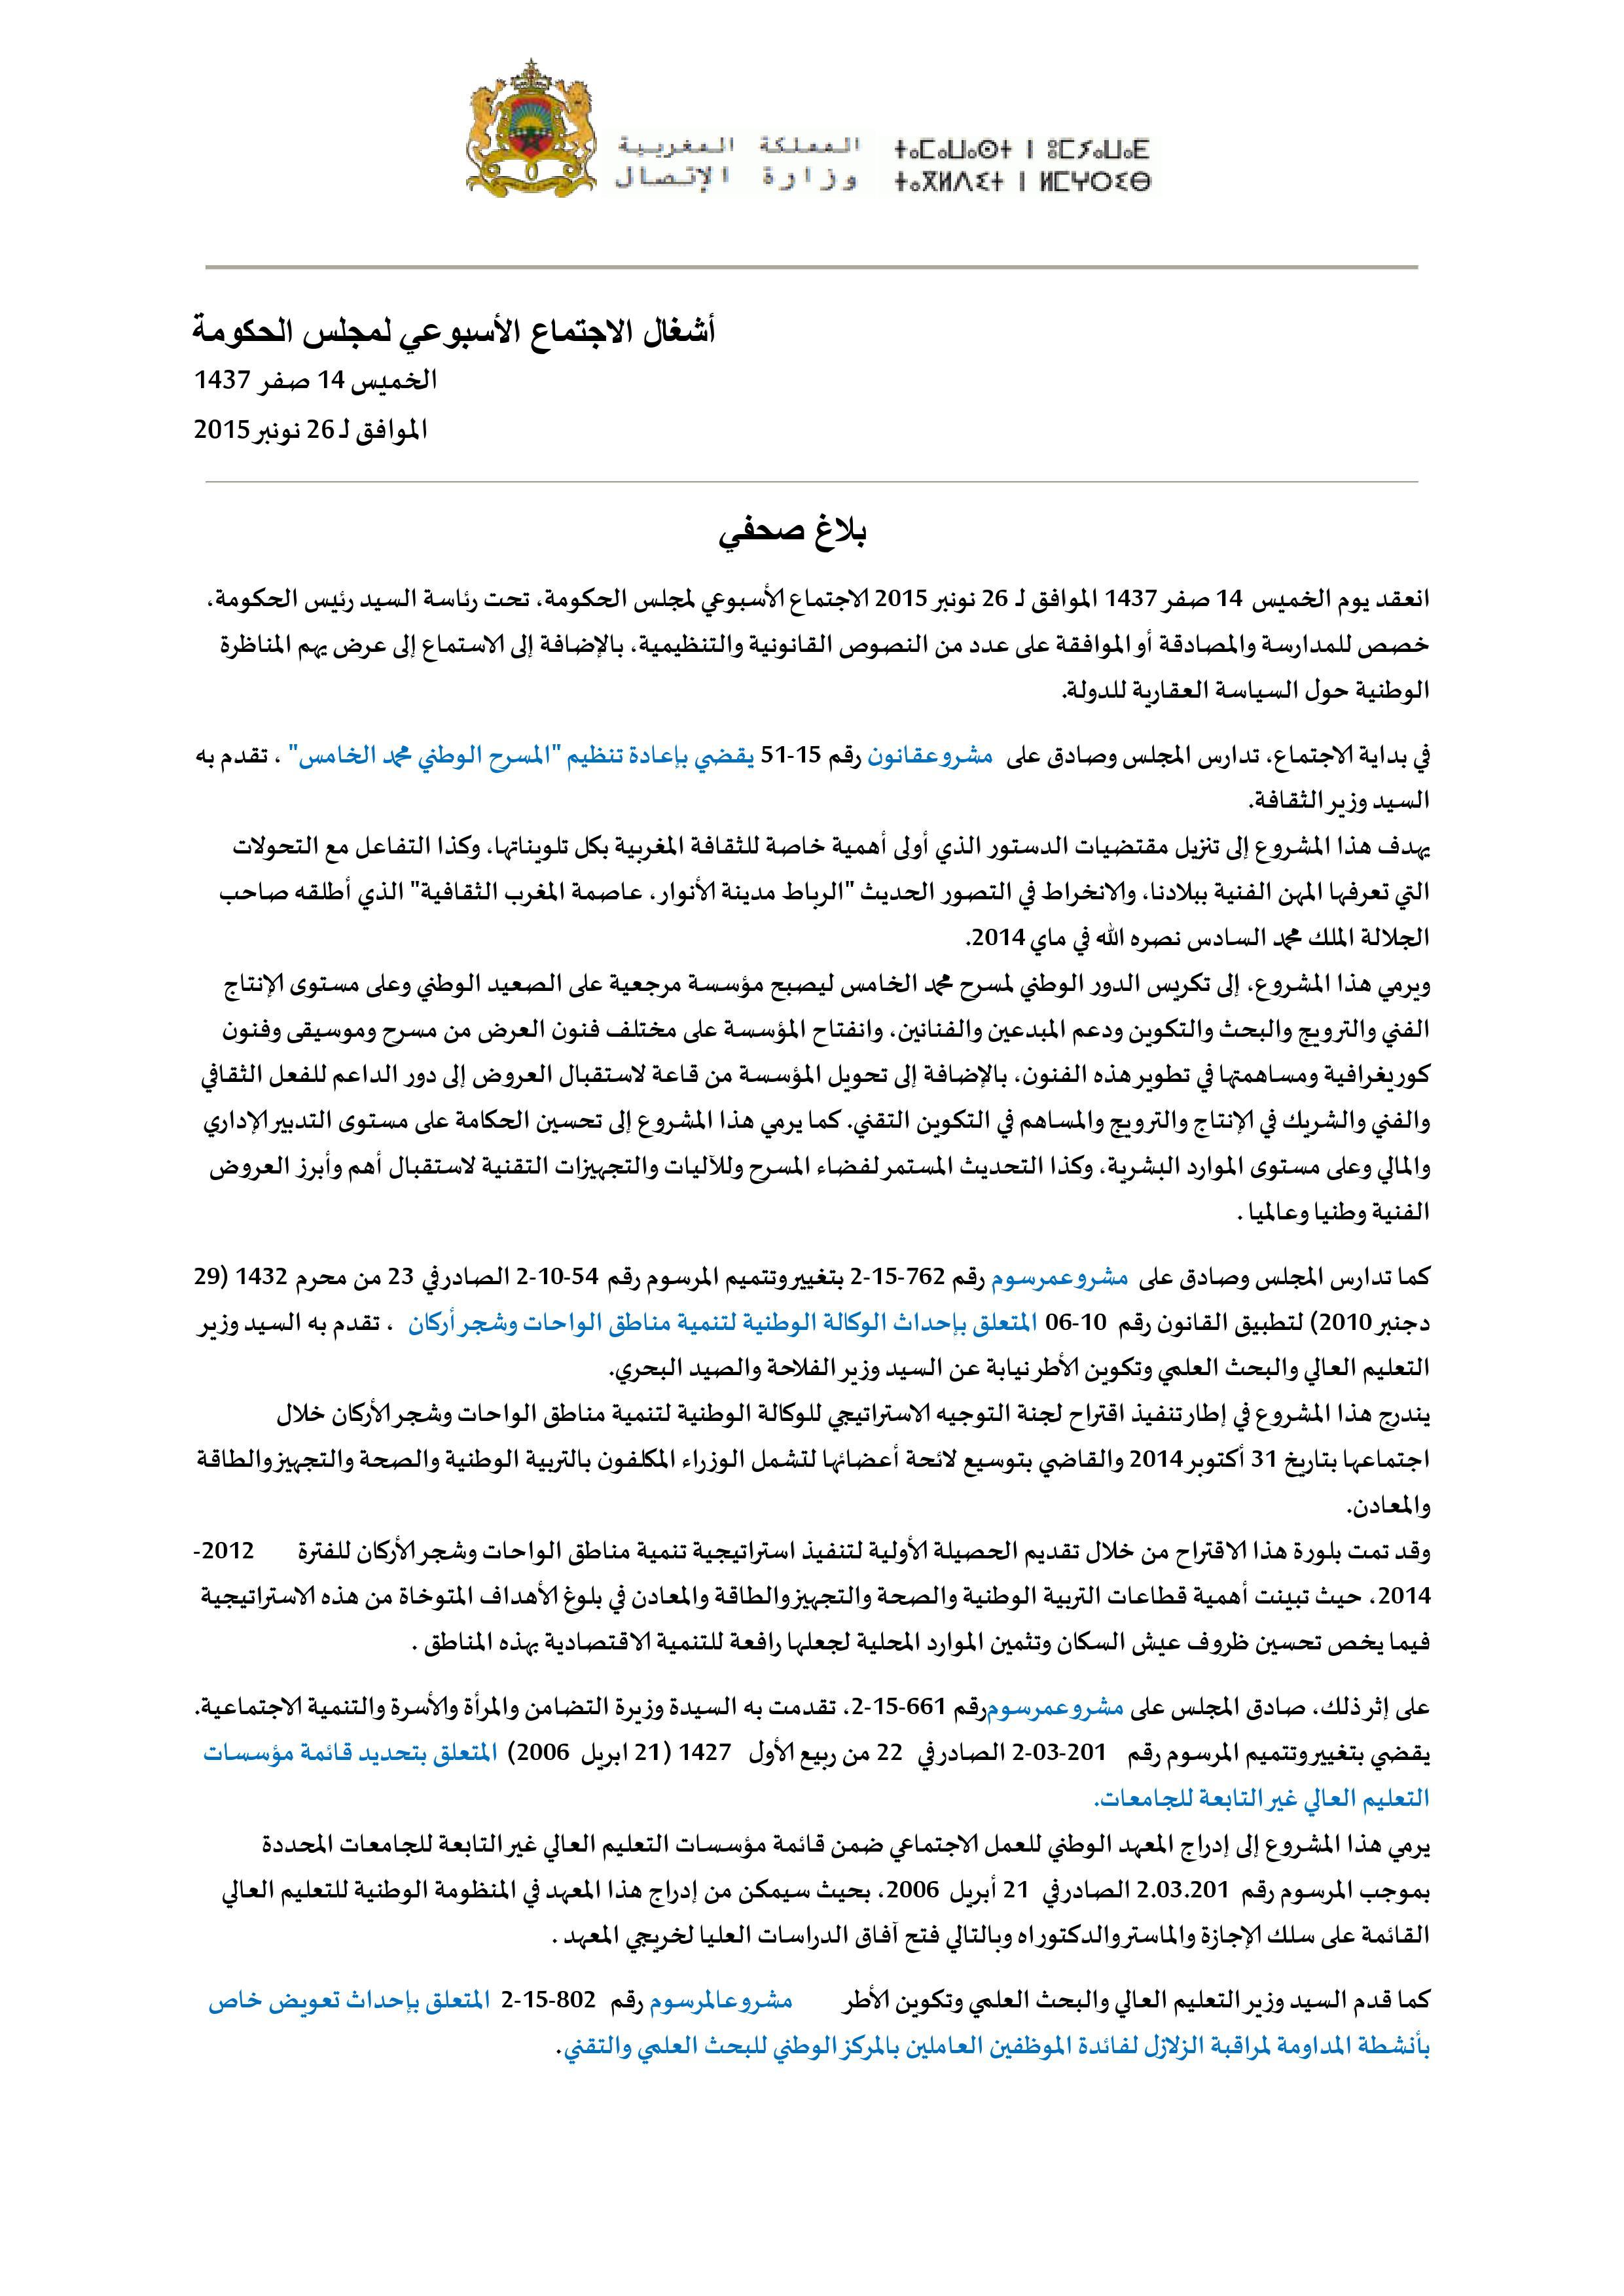 رئيس الحكومة يعلن عن تنظيم مناظرة وطنية حول السياسة العقارية للدولة يومي 8 و9 دجنبر الجاري بالصخيرات